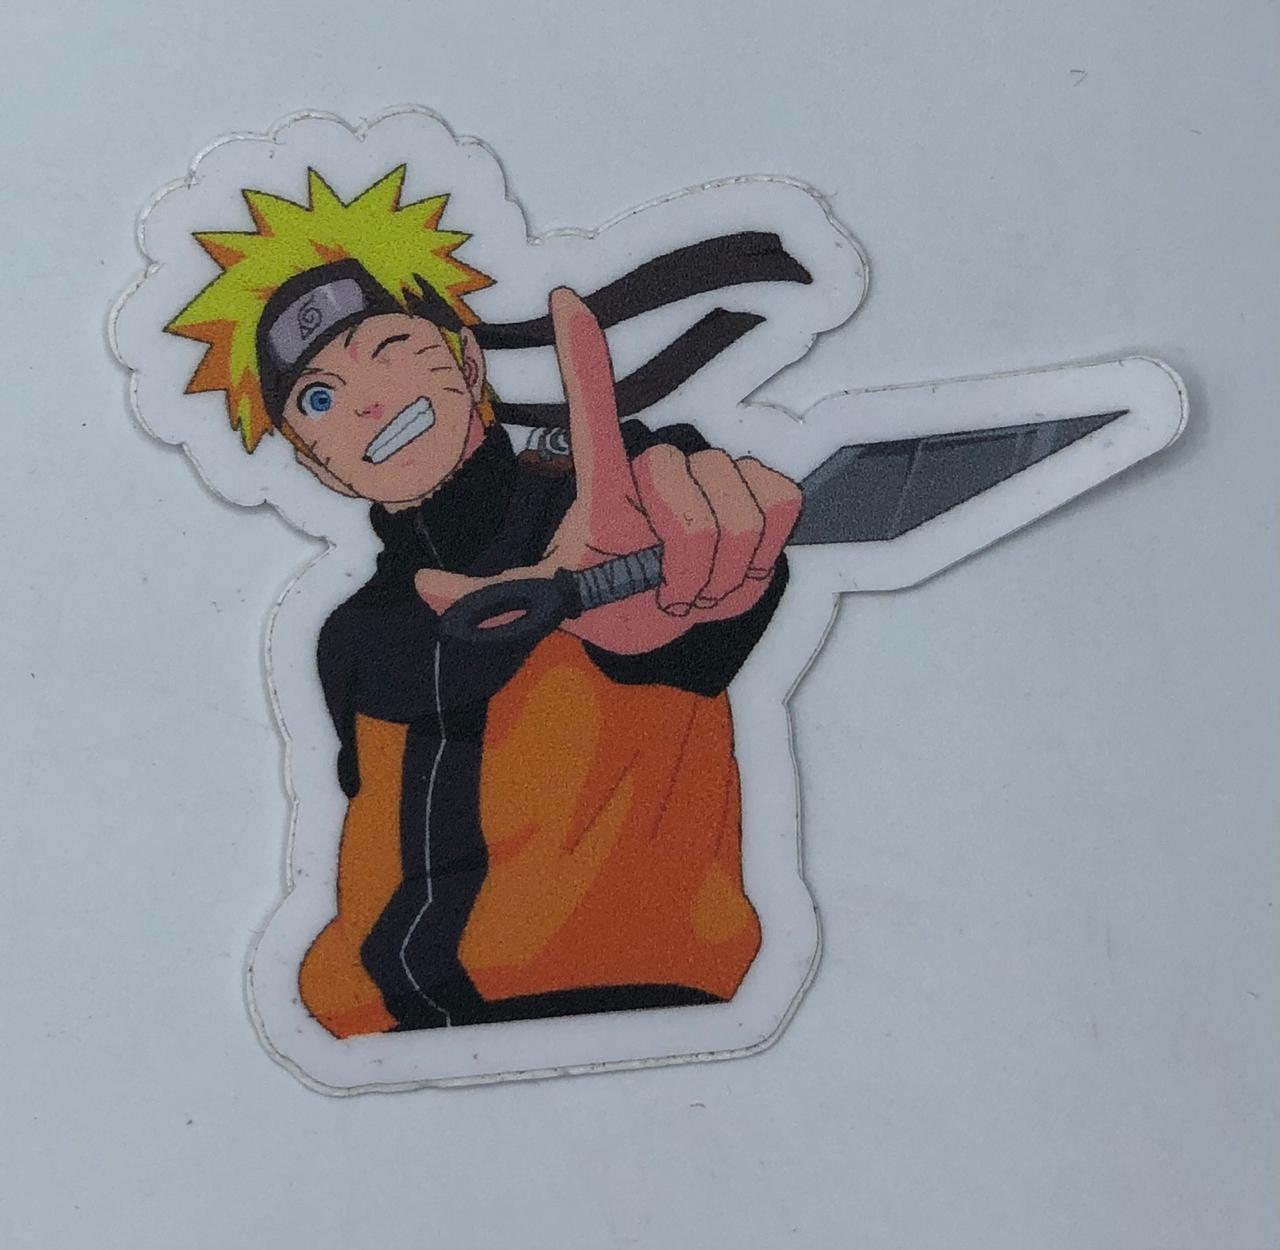 Adesivo (Sticker) Naruto (Adulto): Naruto Shippuden  - Toyshow Geek e Colecionáveis Tudo em Marvel DC Netflix Vídeo Games